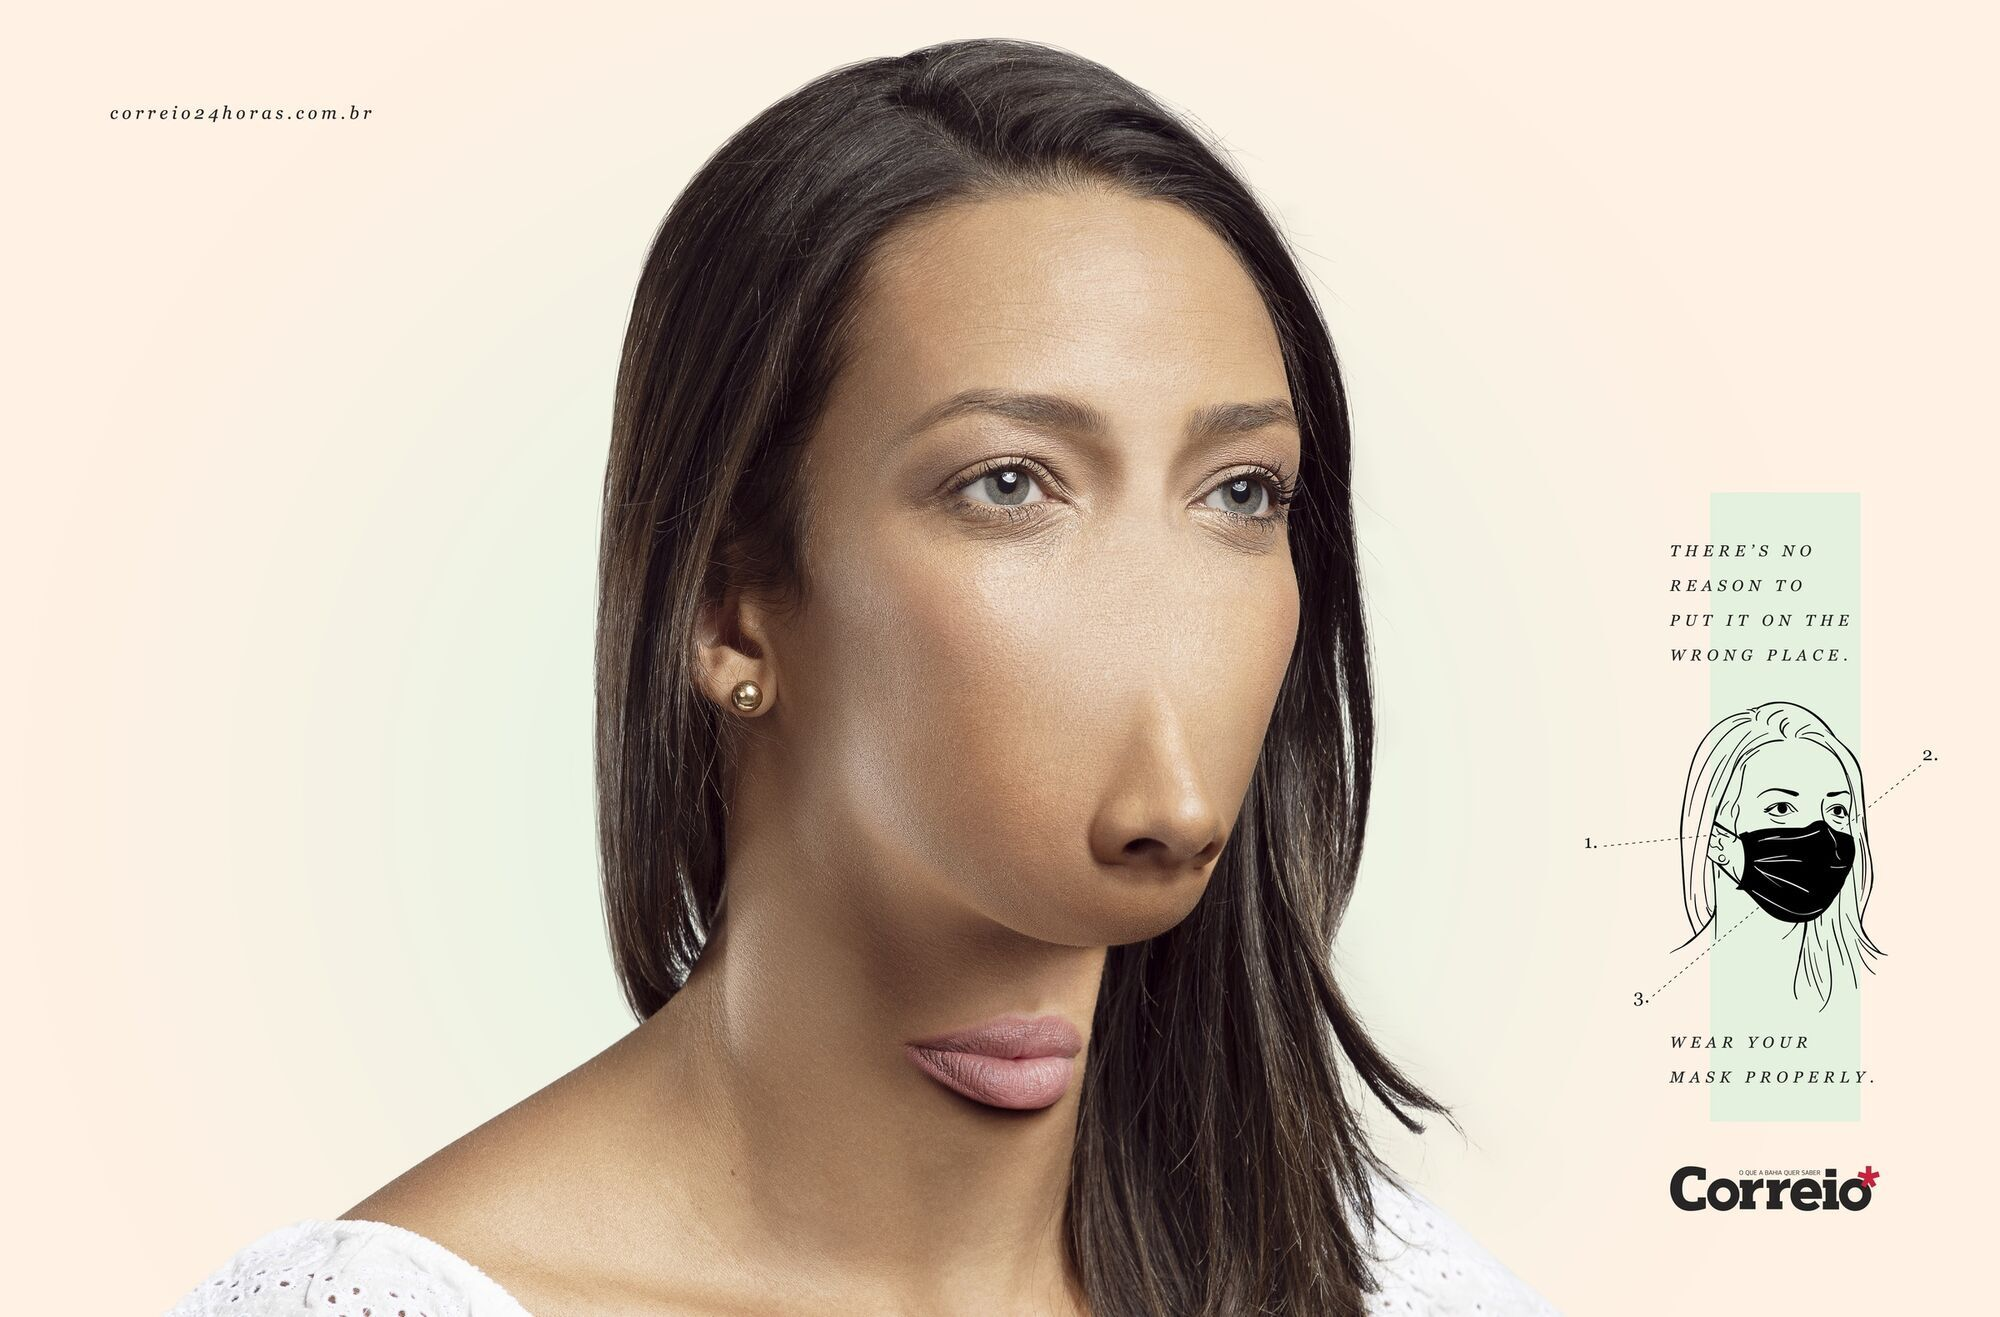 Девушка, которая носит маску на подбородке